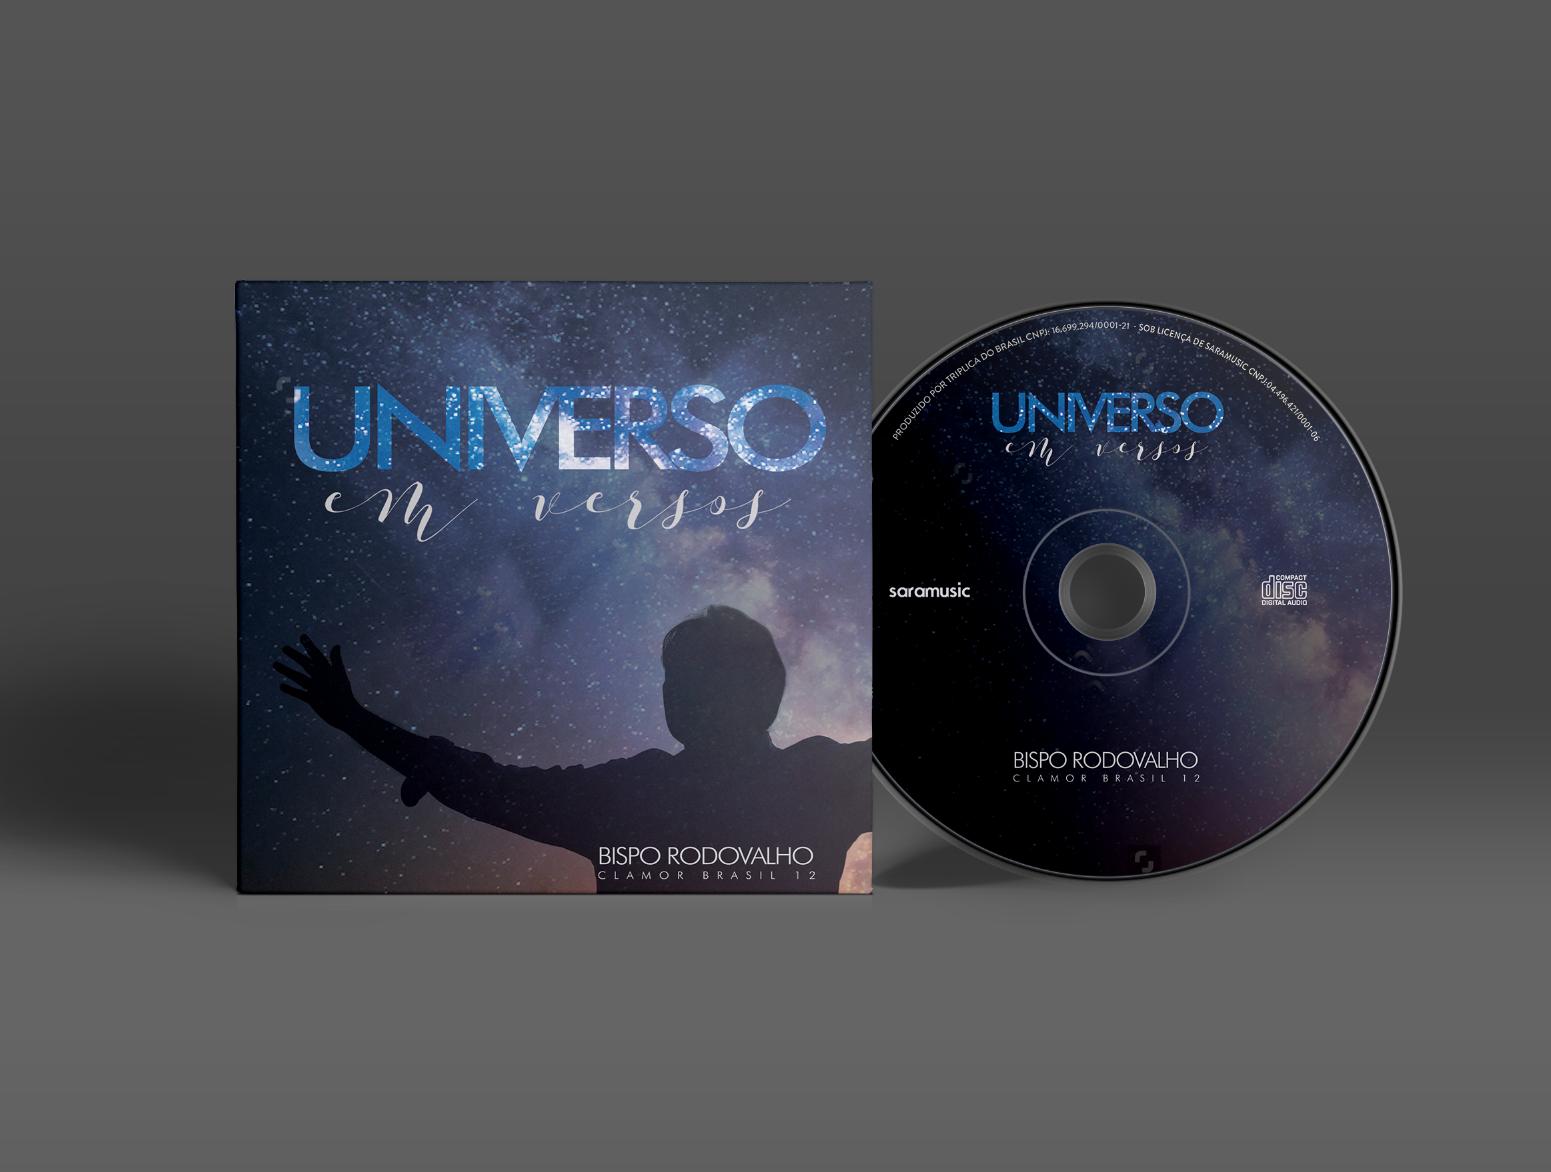 Baixe agora mesmo duas músicas do Novo CD do Bispo Rodovalho, Universo em Versos